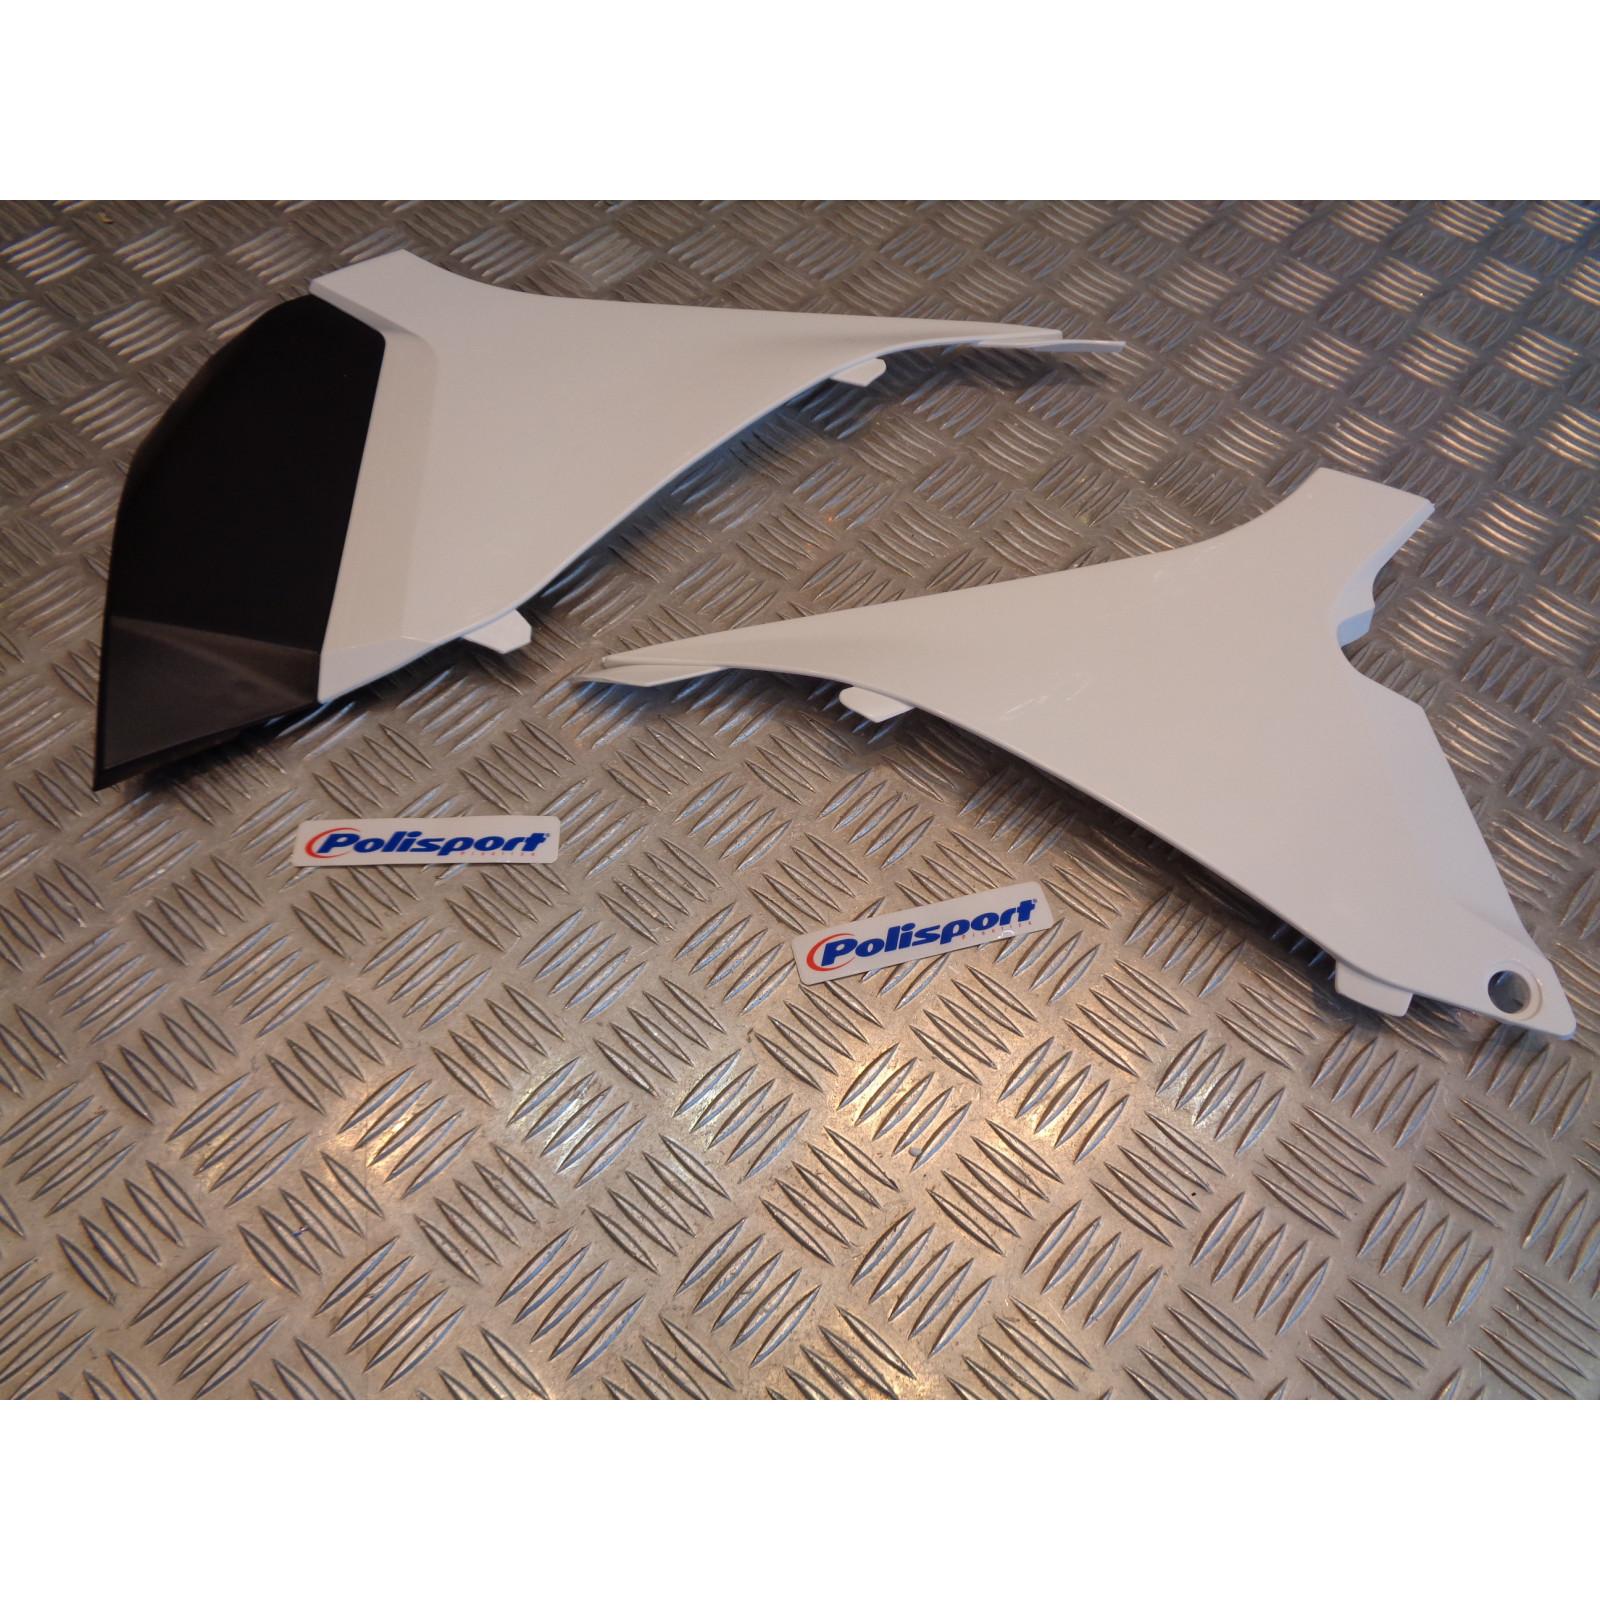 kit 2 cache lateraux boite air polisport 8403000001 moto ktm 125 250 350 450 sx sx-f bihr PS318W02